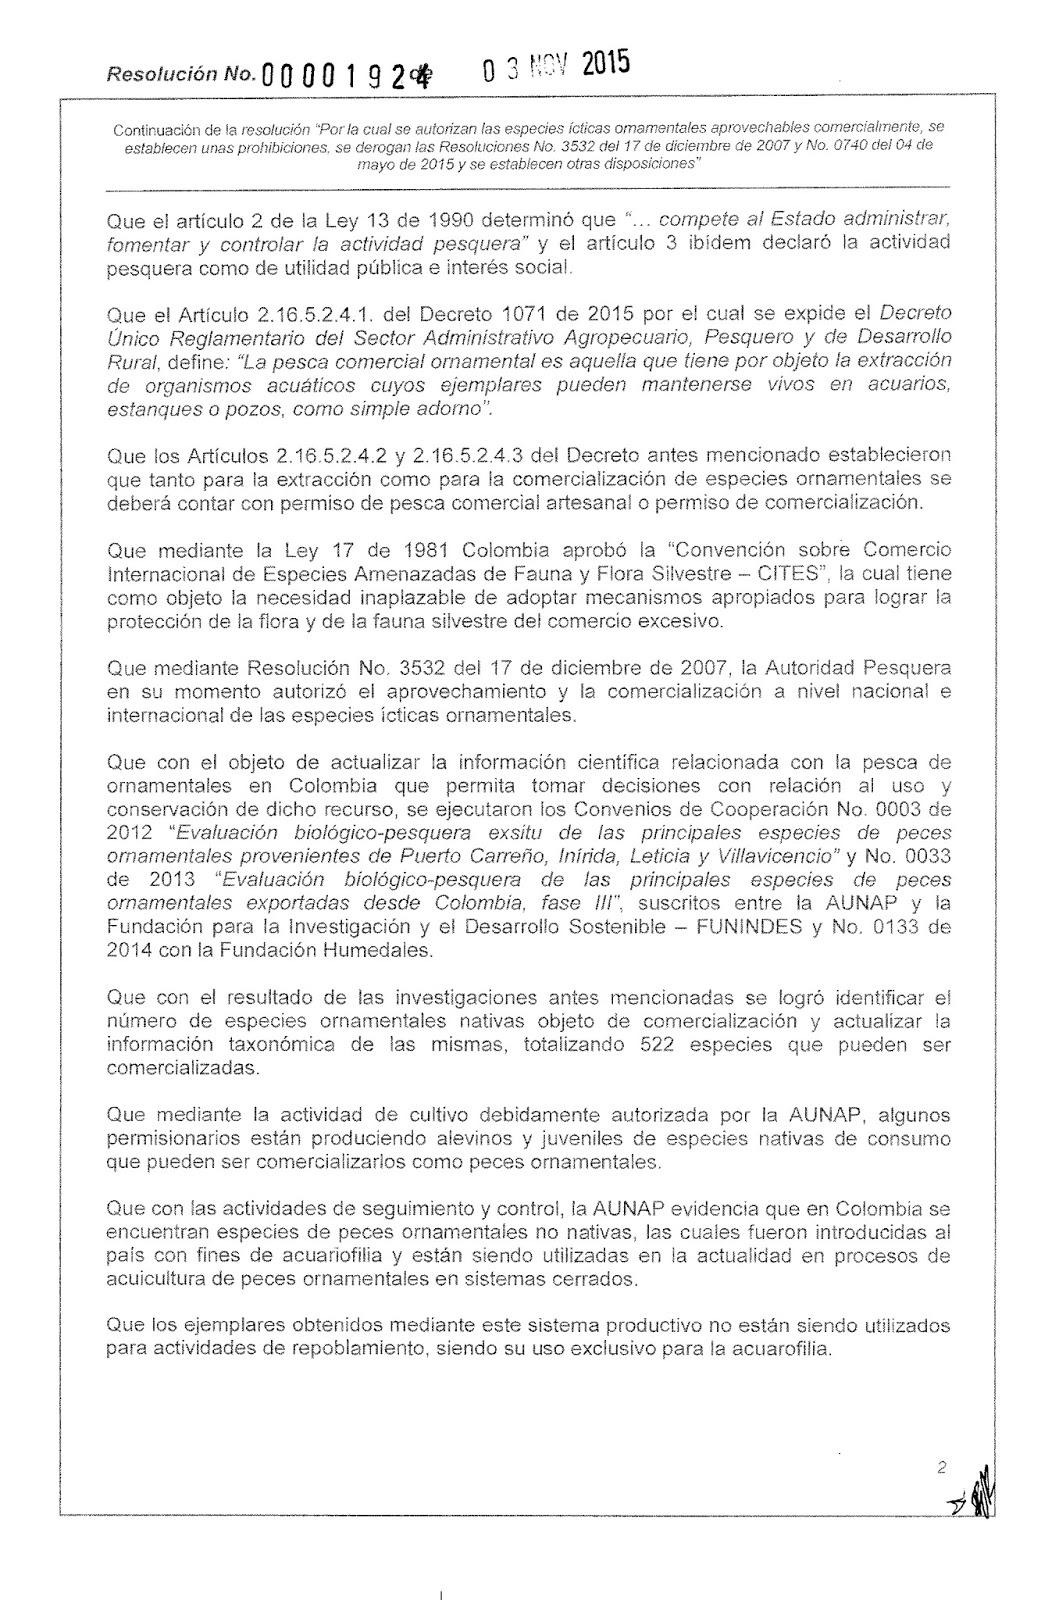 Acuacolombia aunap emite nueva resoluci n de peces for Manual de peces ornamentales